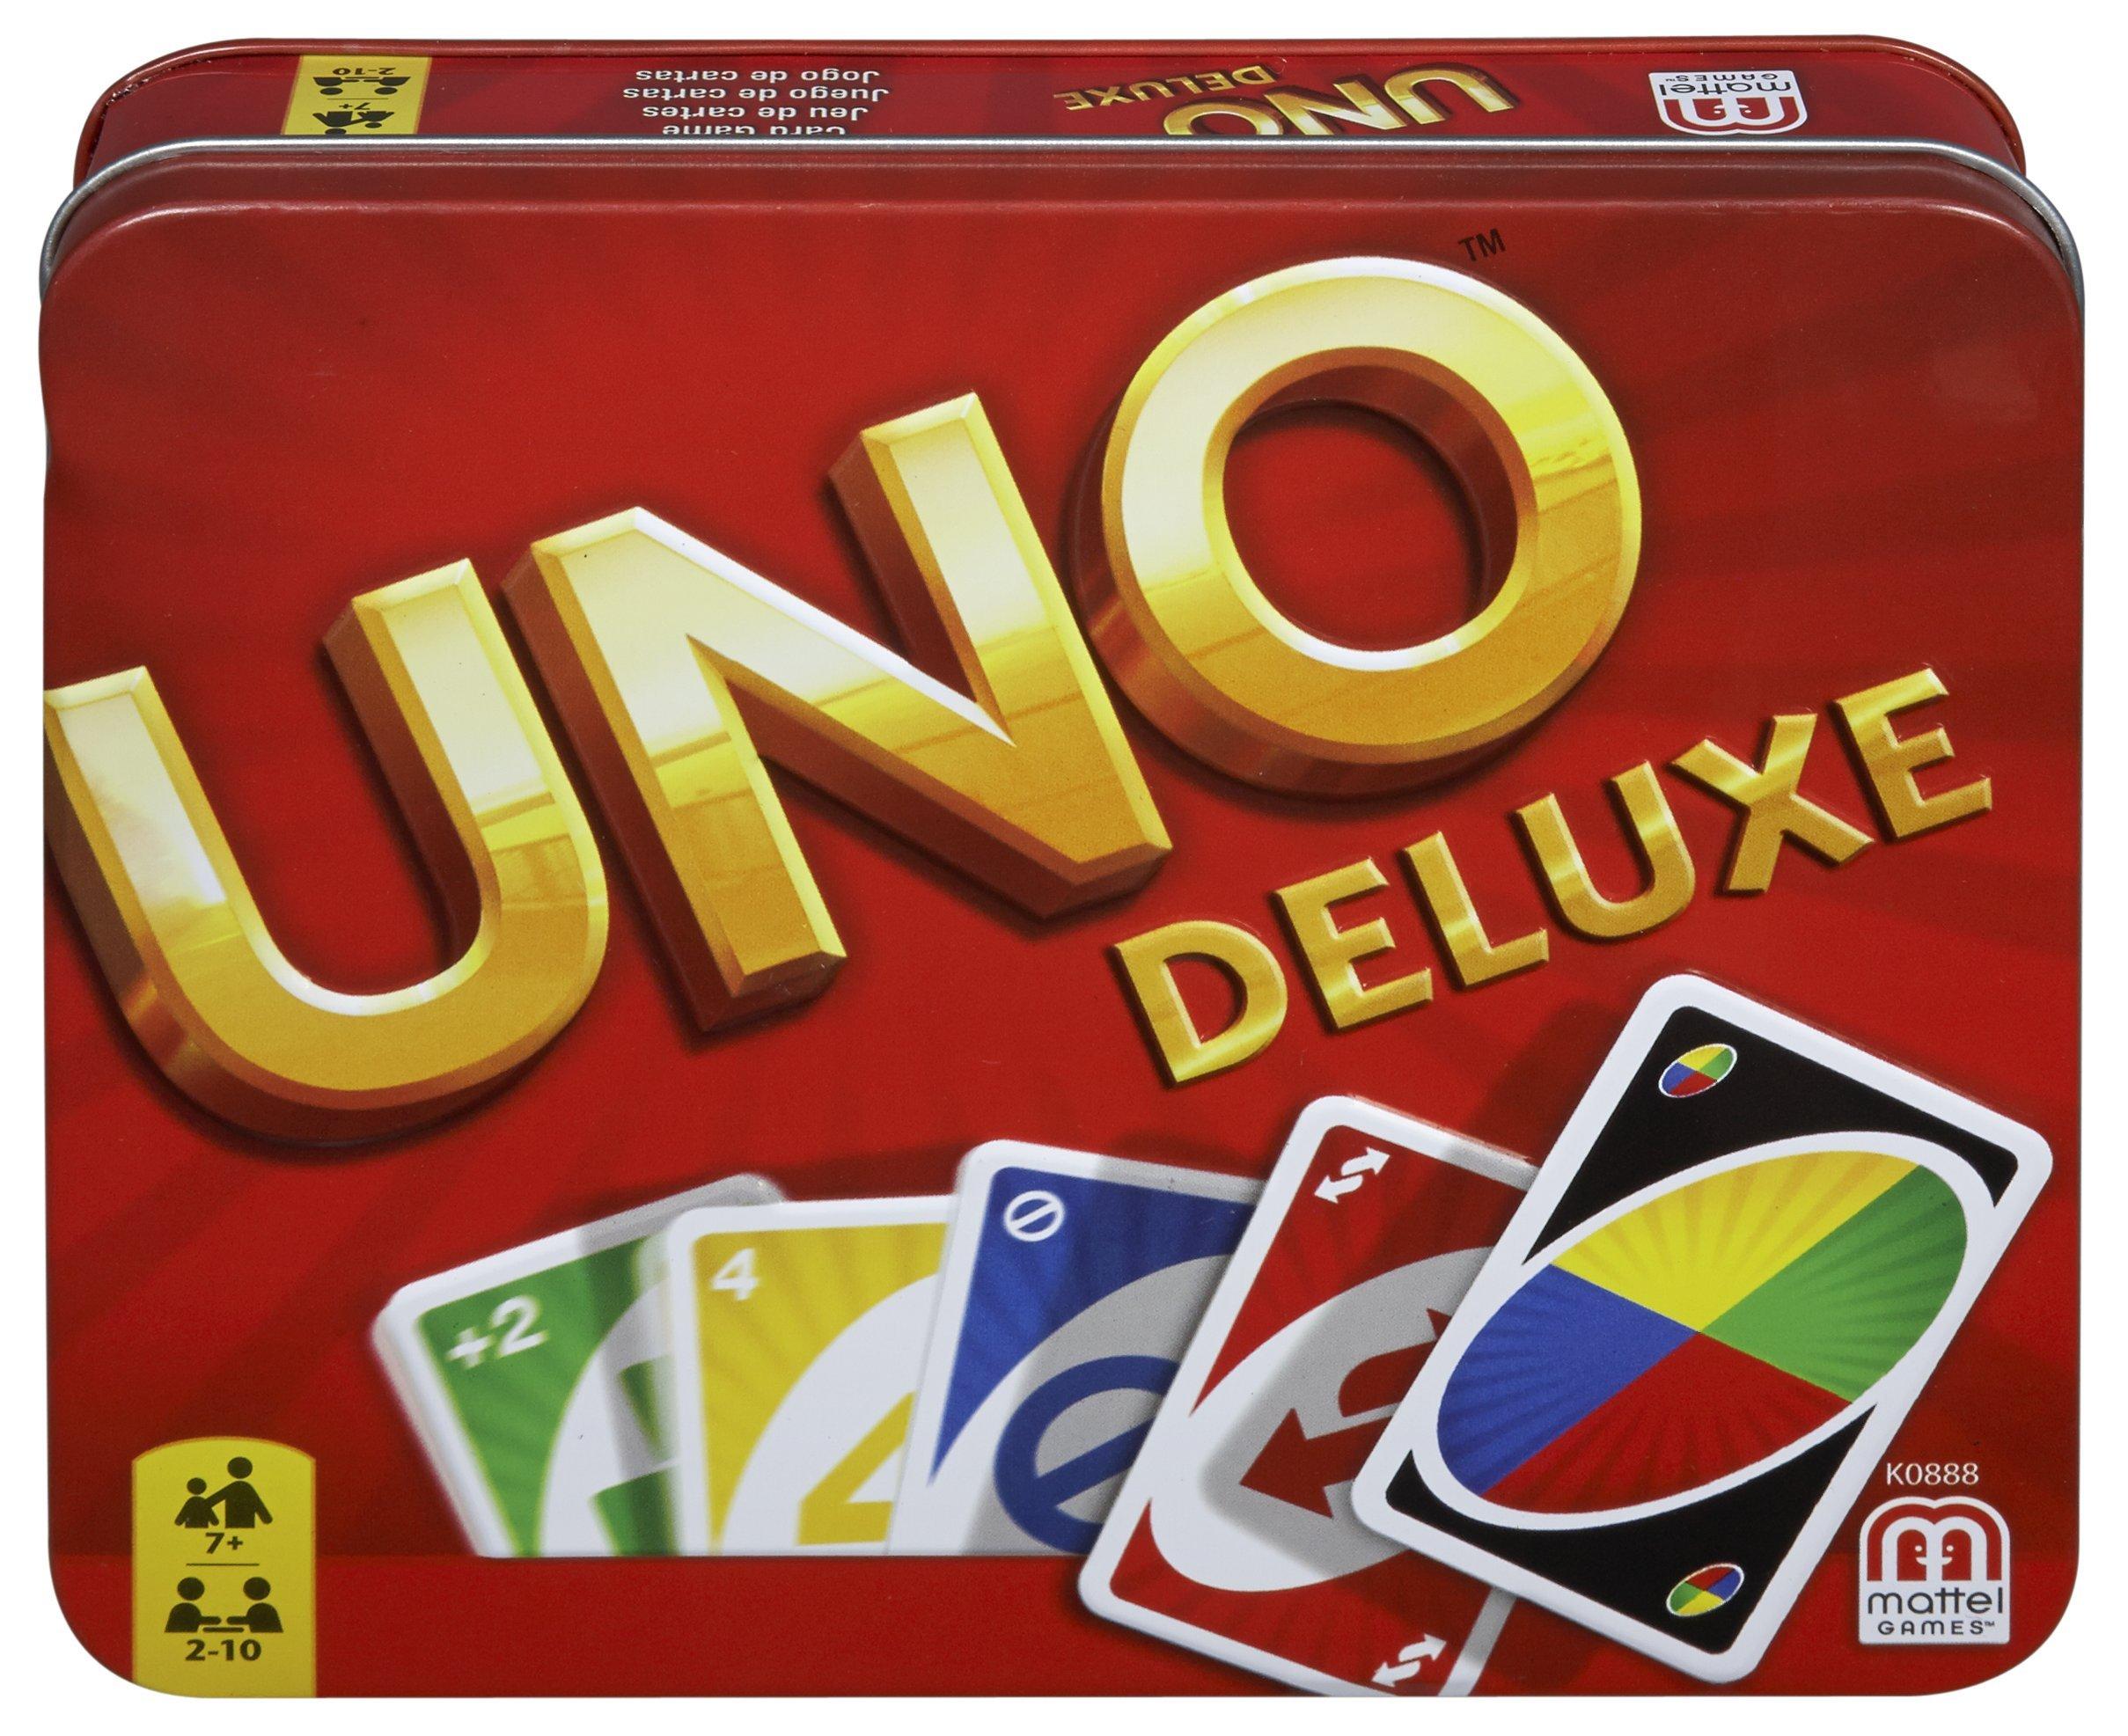 Mattel Games UNO Deluxe, juego de cartas (Mattel K0888): Mattel: Amazon.es: Juguetes y juegos